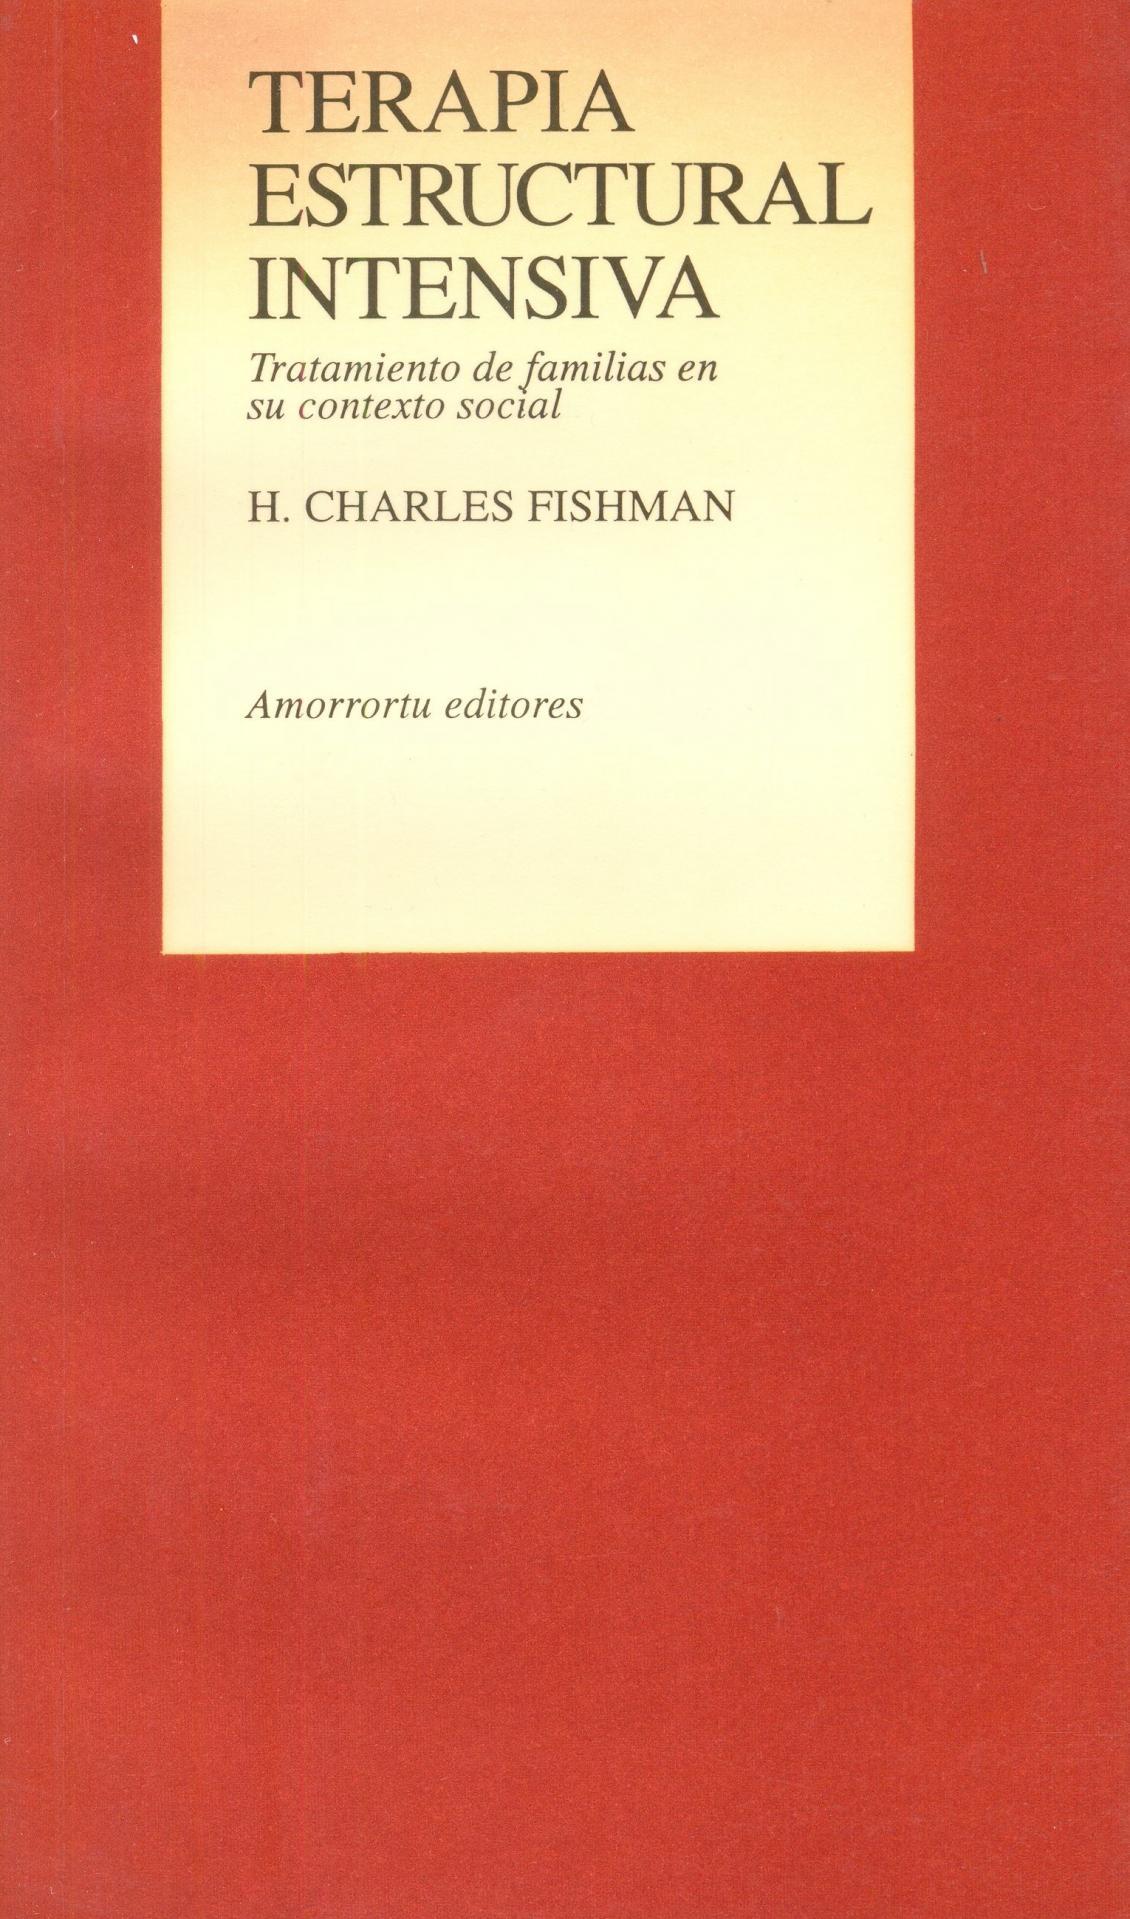 TERAPIA ESTRUCTURAL INTENSIVA. Tratamiento de familias en su contexto social.  Fishman, H.C.